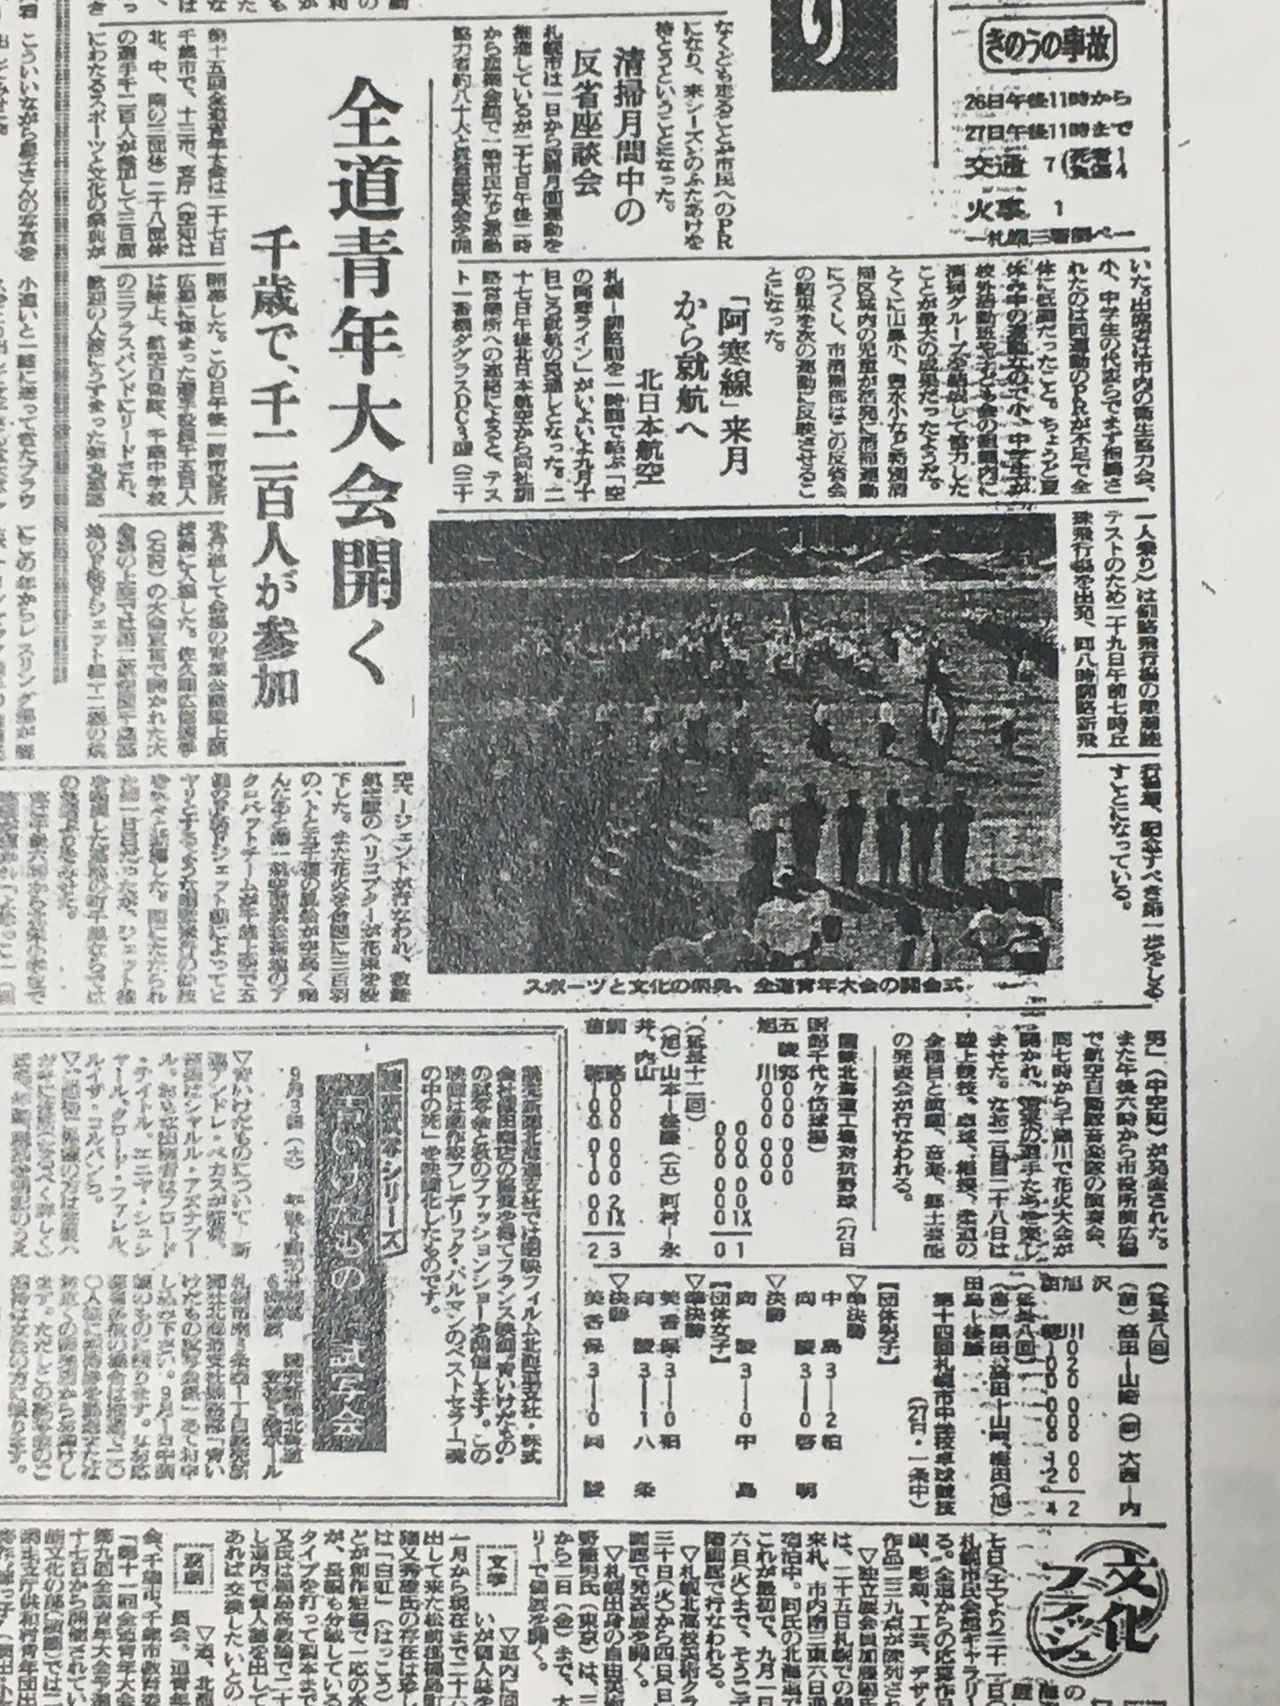 画像: 1960年8月28日(日)付の読売新聞(札幌)市内版に残る「全道青年大会」の記事。札幌市内のトピックを報道する面なので、市外となる千歳市での大会への注目ぶりがわかる。